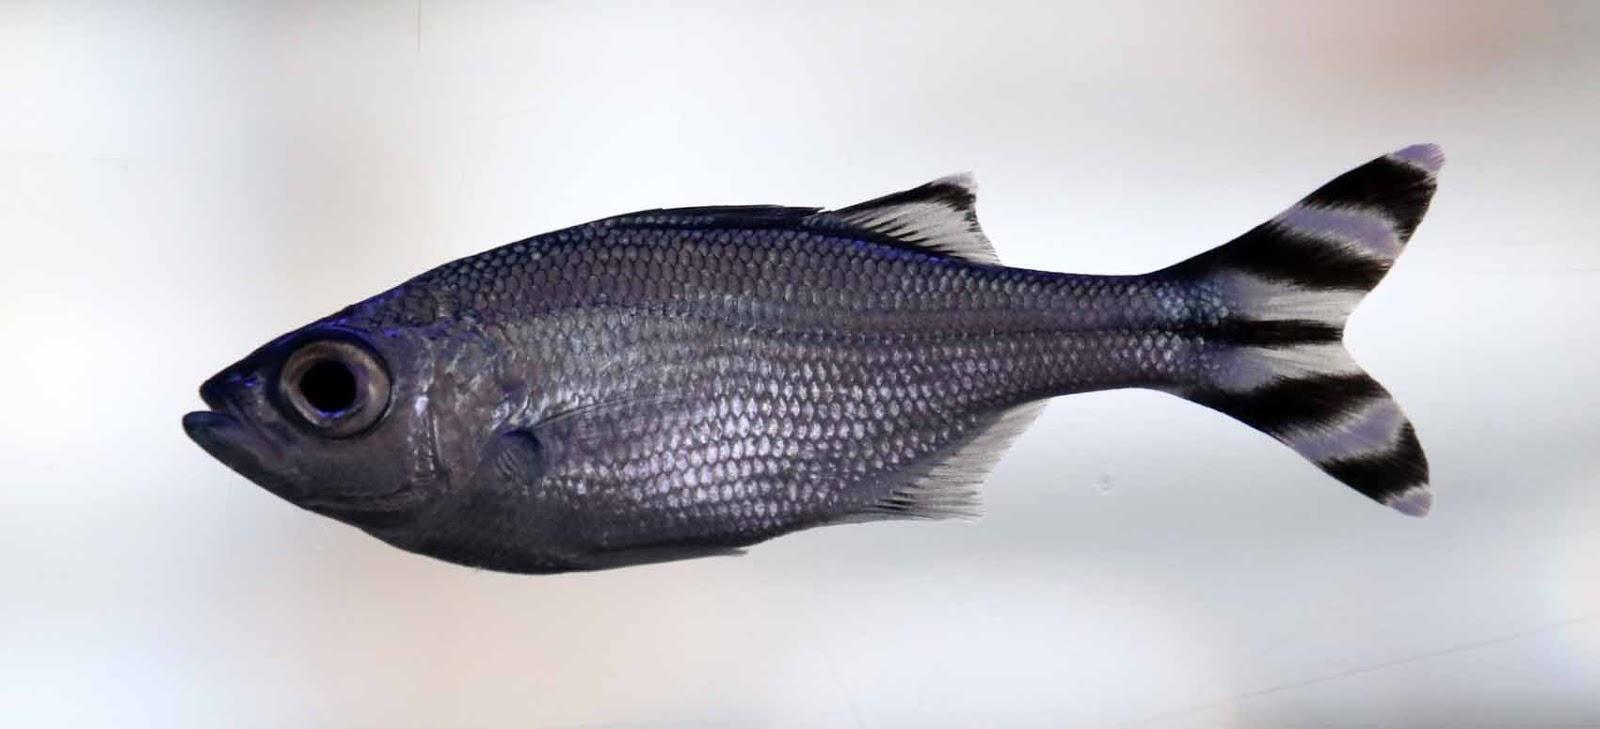 Kødbyens Fiskebarin akvaarion asukki